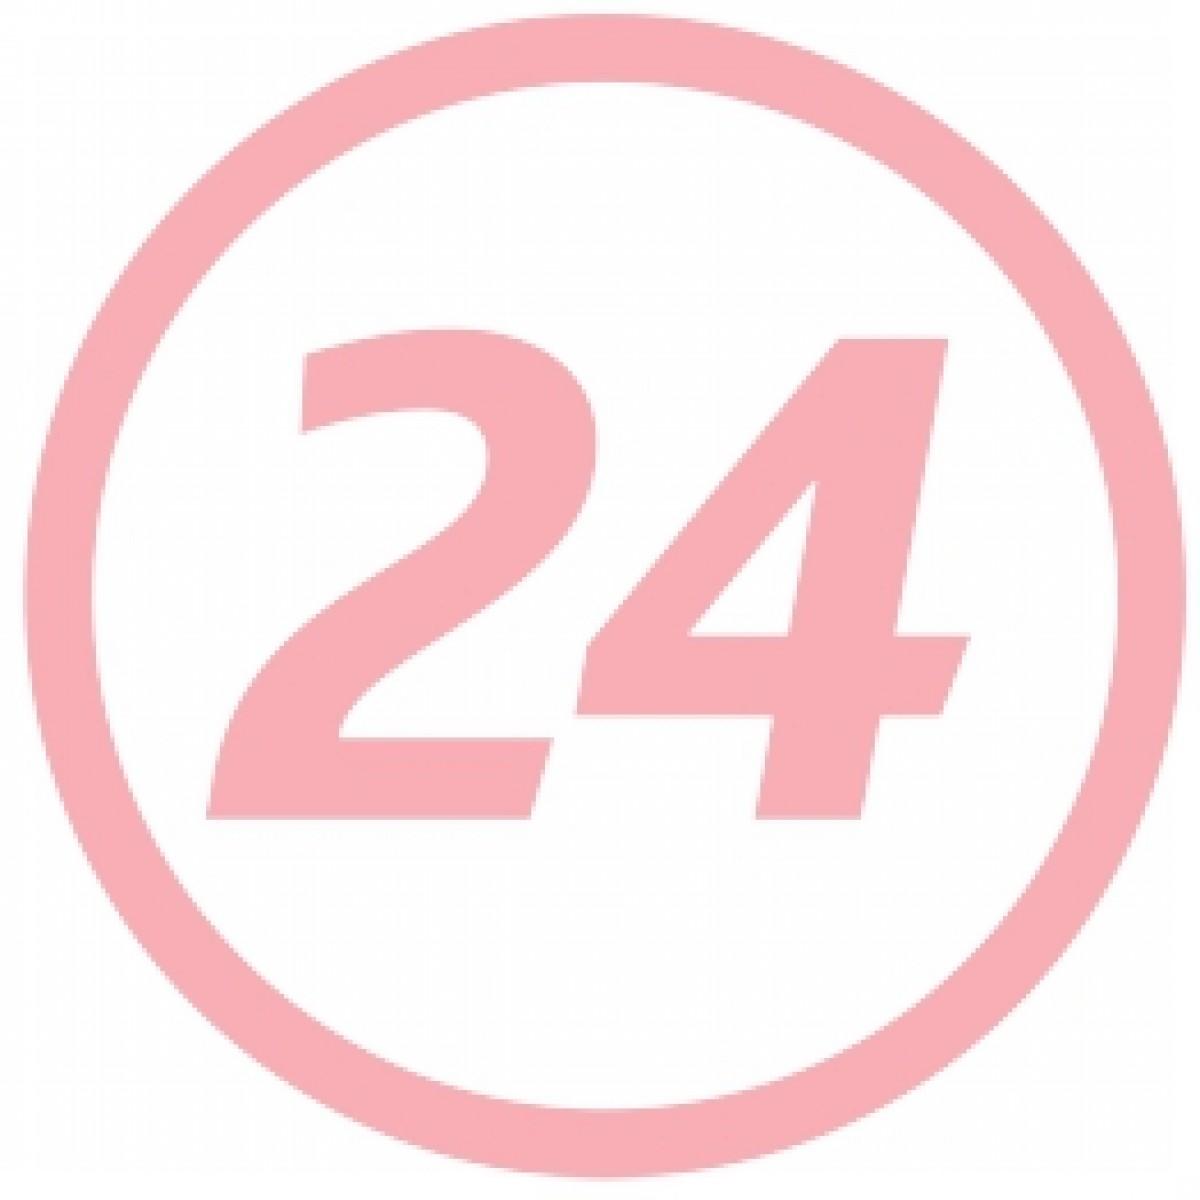 Hartmann Molicare Premium Mobile Chilot Adulti pentru Incontinenta Severa Marimea L, Scutece Adulti, 14buc